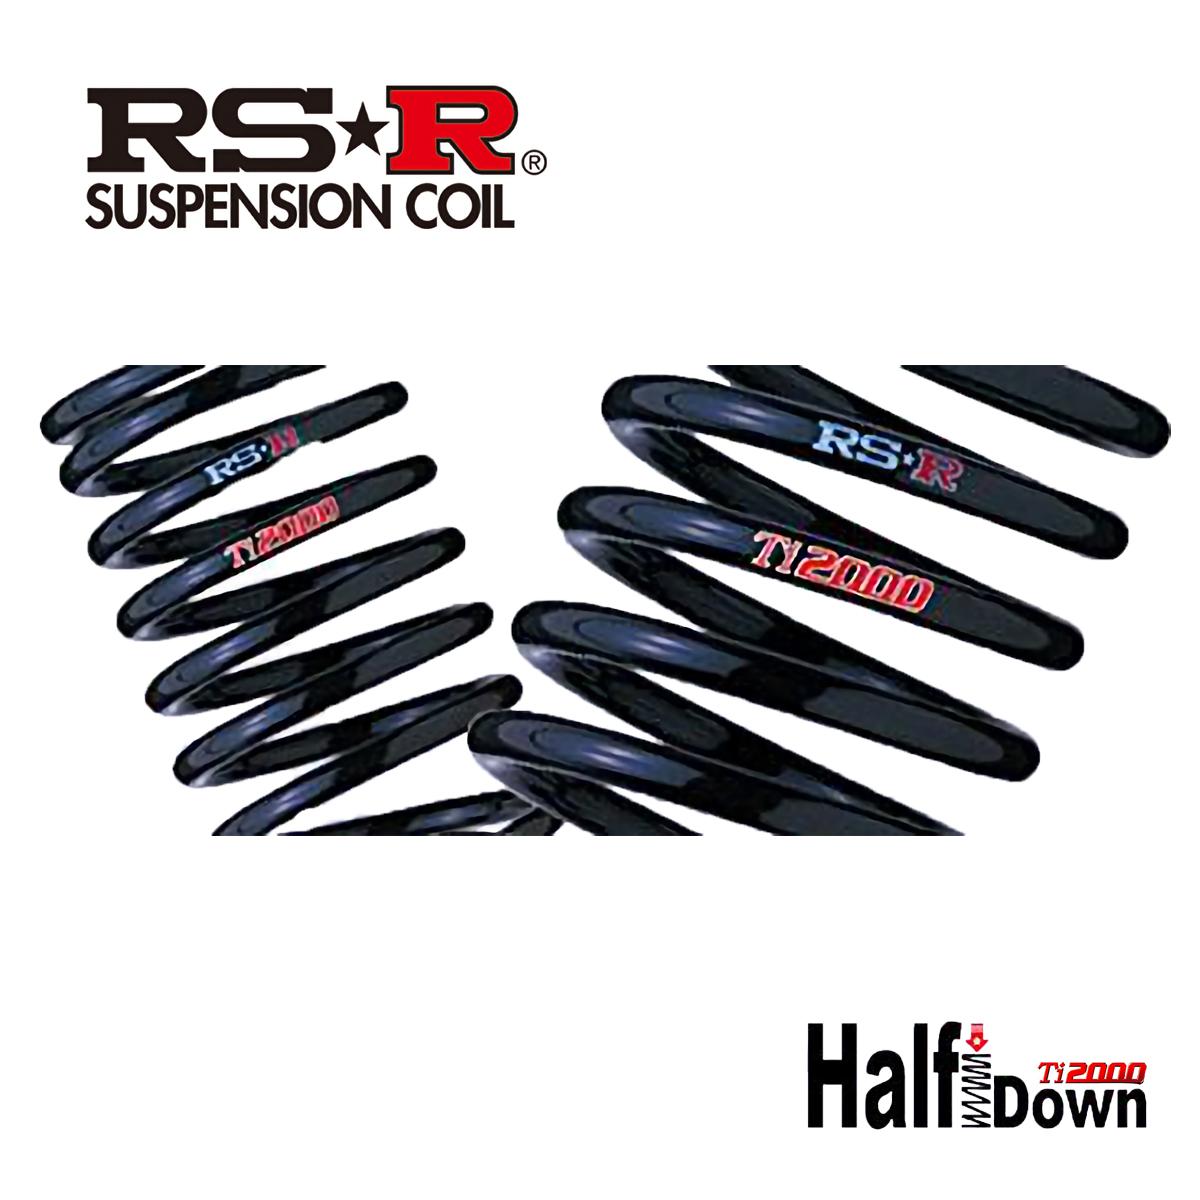 RS-R ヴェルファイア 3.5ZA Gエディション GGH30W ダウンサス スプリング フロントのみ T941THDF Ti2000 ハーフダウン RSR 個人宅発送追金有